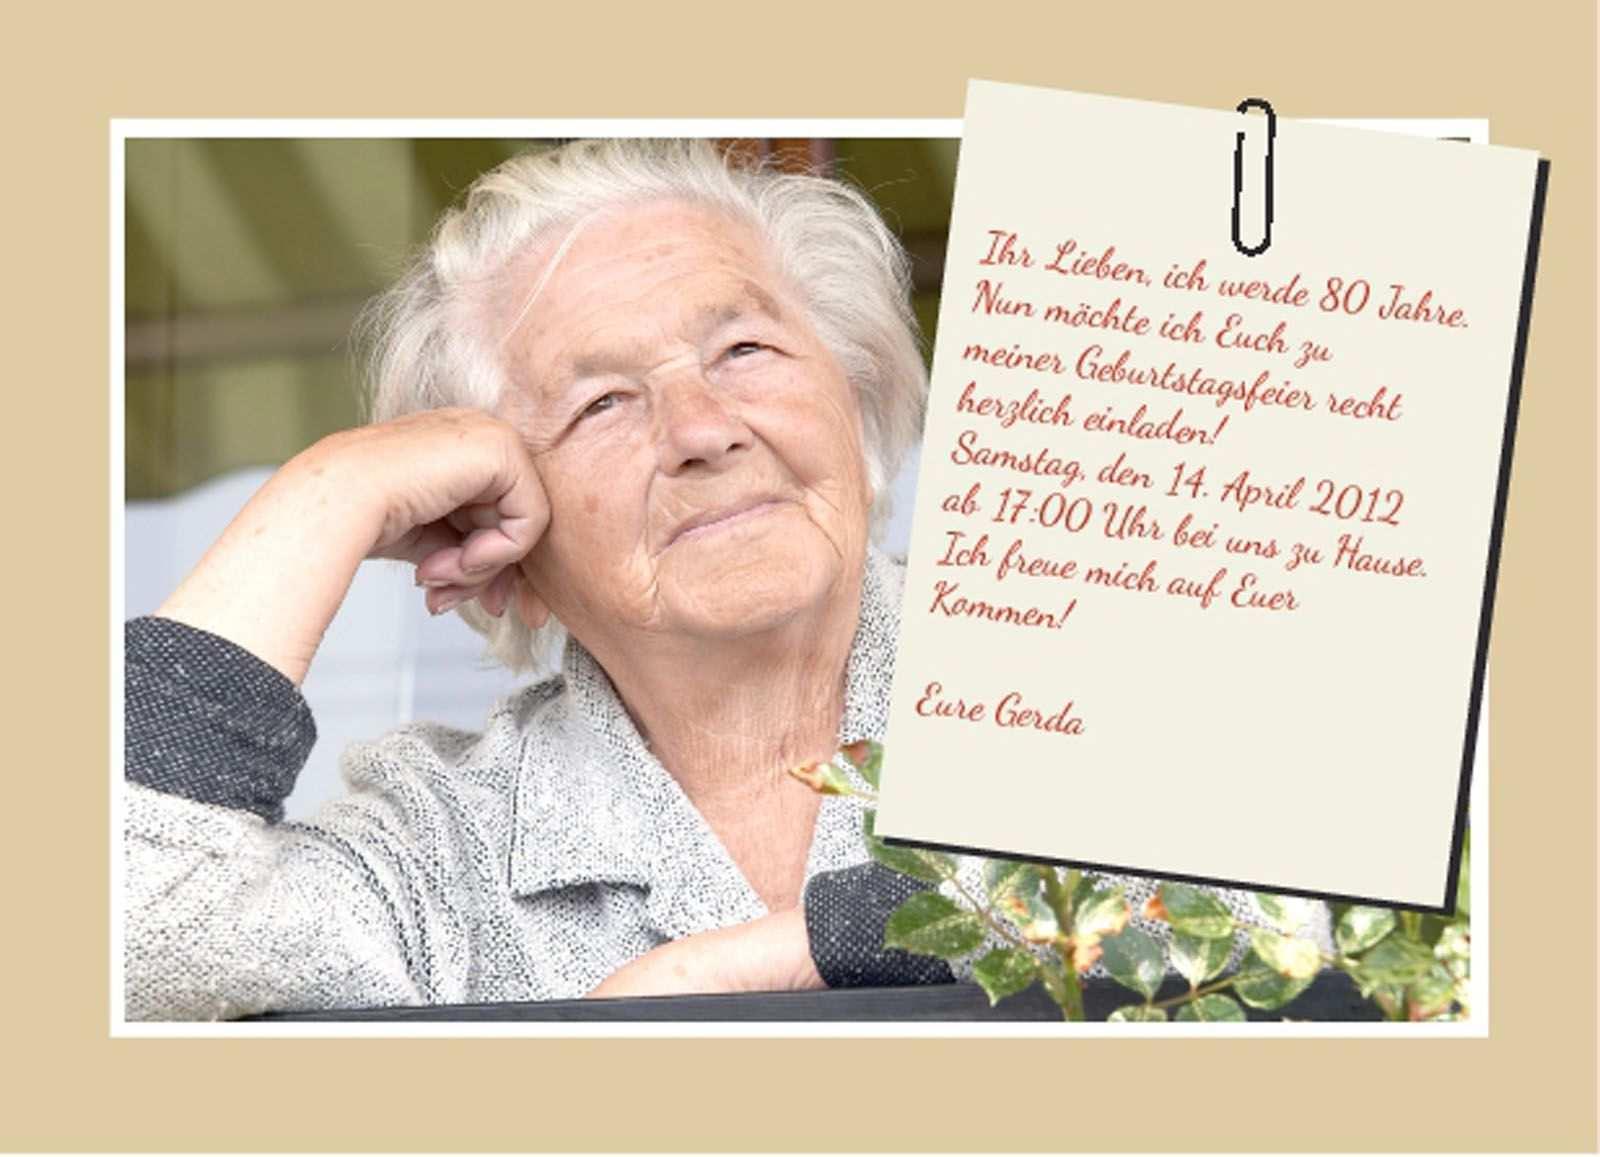 Einladungskarte 80 Geburtstag Kostenlos Einladung Zum Geburtstag Einladung 80 Geburtstag 80 Geburtstag Einladung Geburtstag